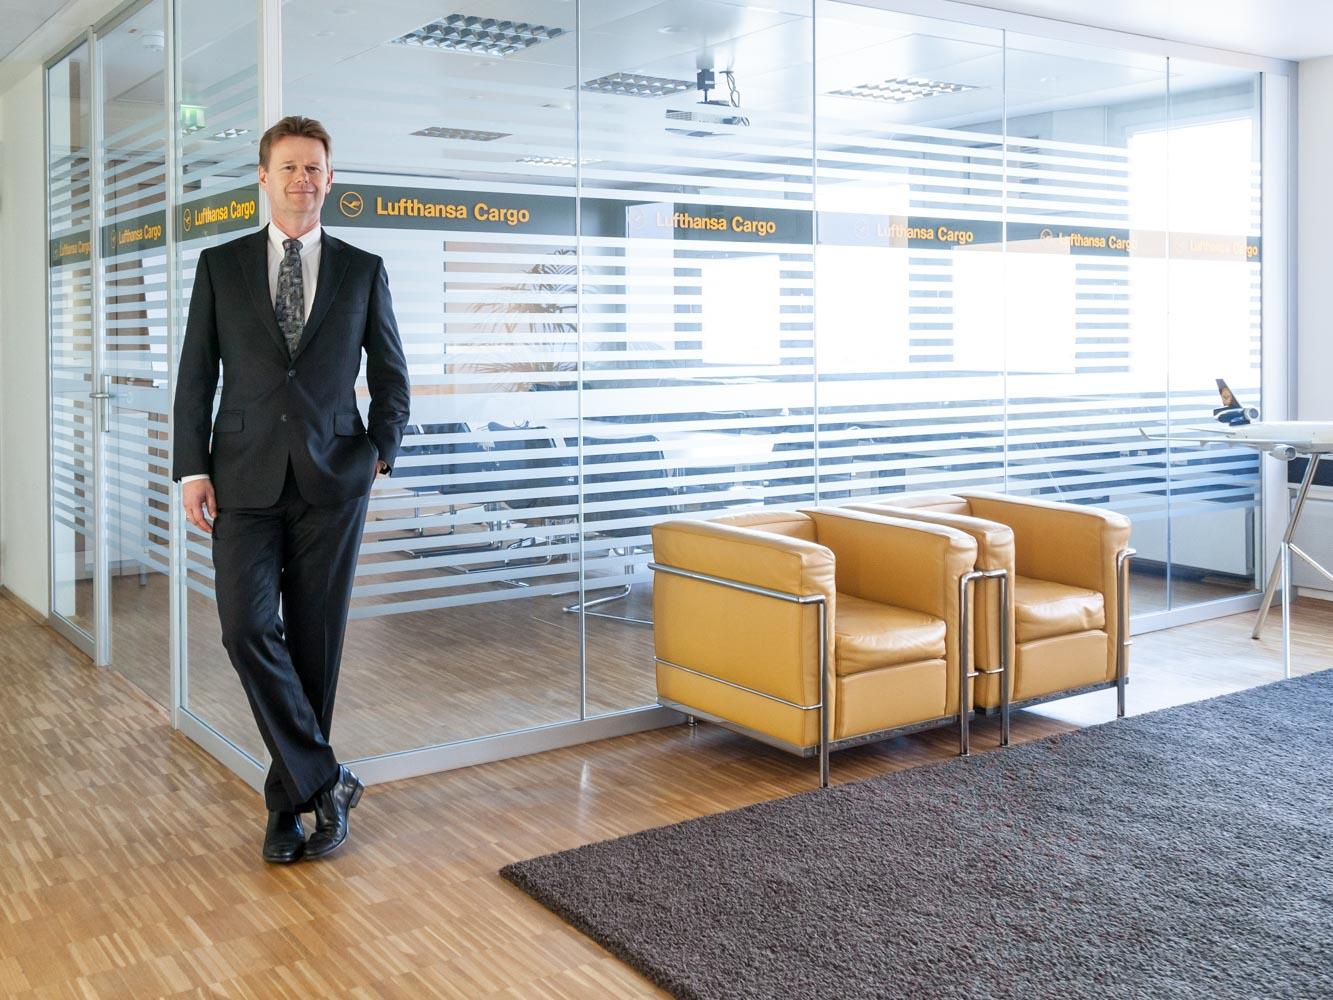 corporate_daniel_kummer-lufthansa-cargo_peter_gerber_2014-02